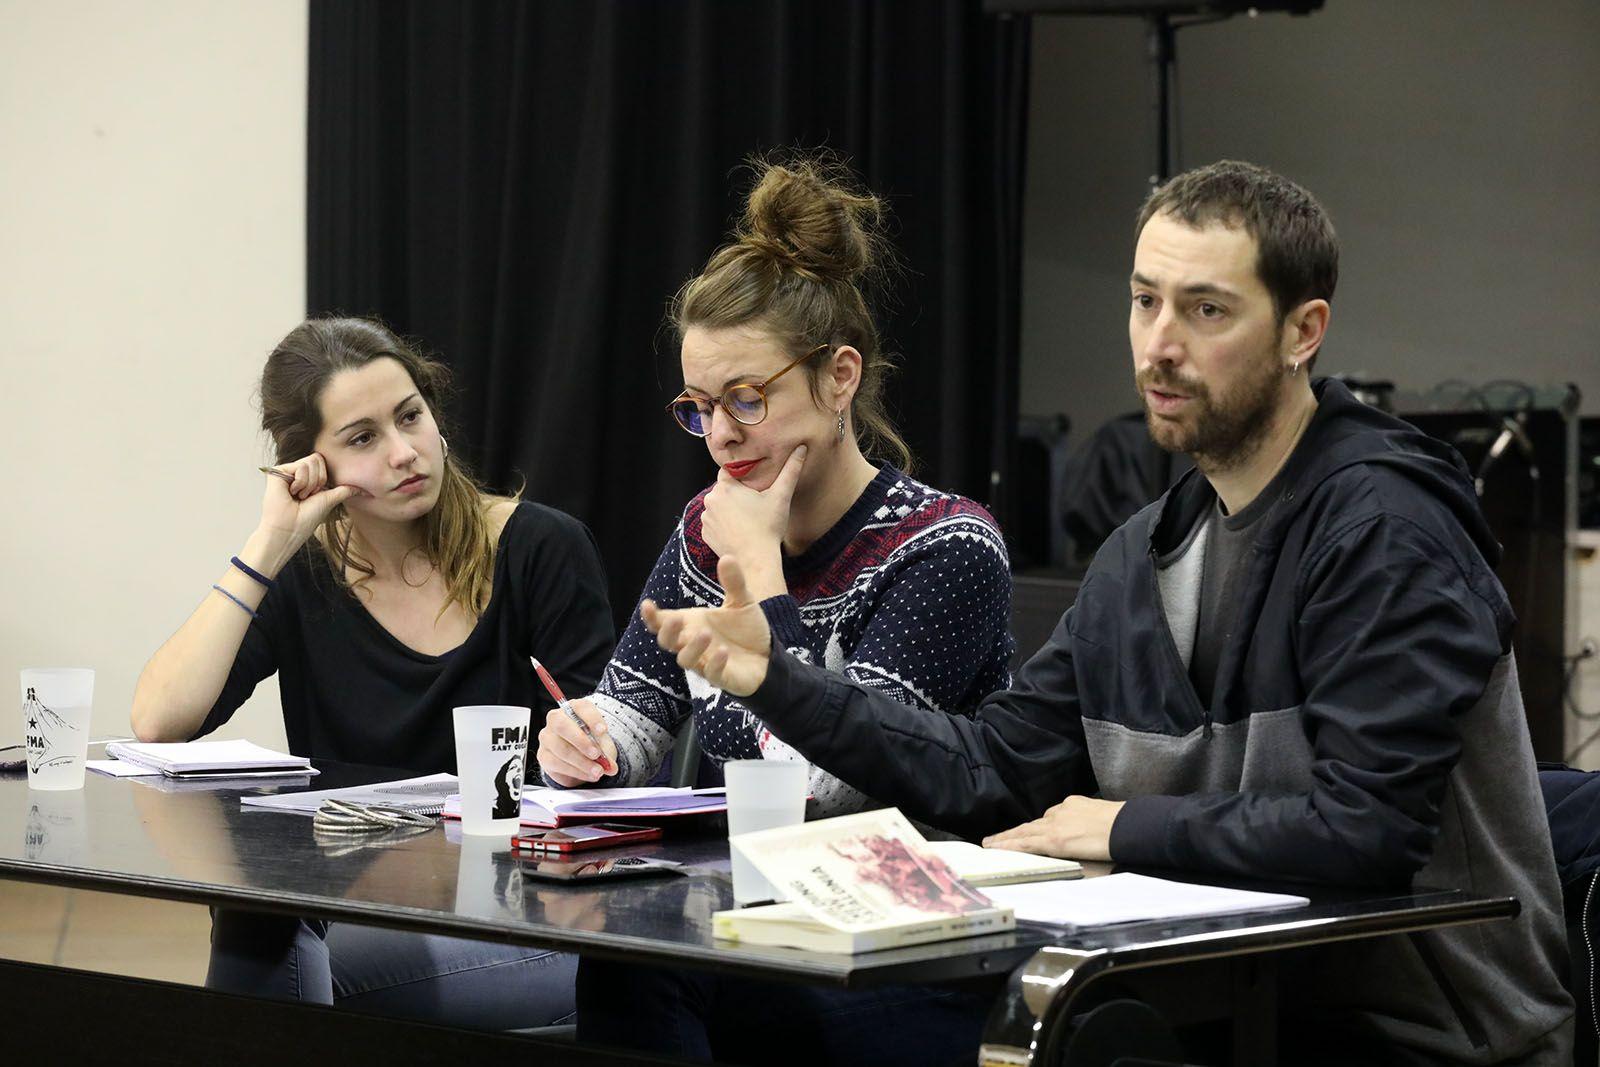 """Conferència """" Què és el feixisme i com el combatem?"""" amb Mireia Vehí i Ignasi Bernat. Foto: Lali Álvarez"""